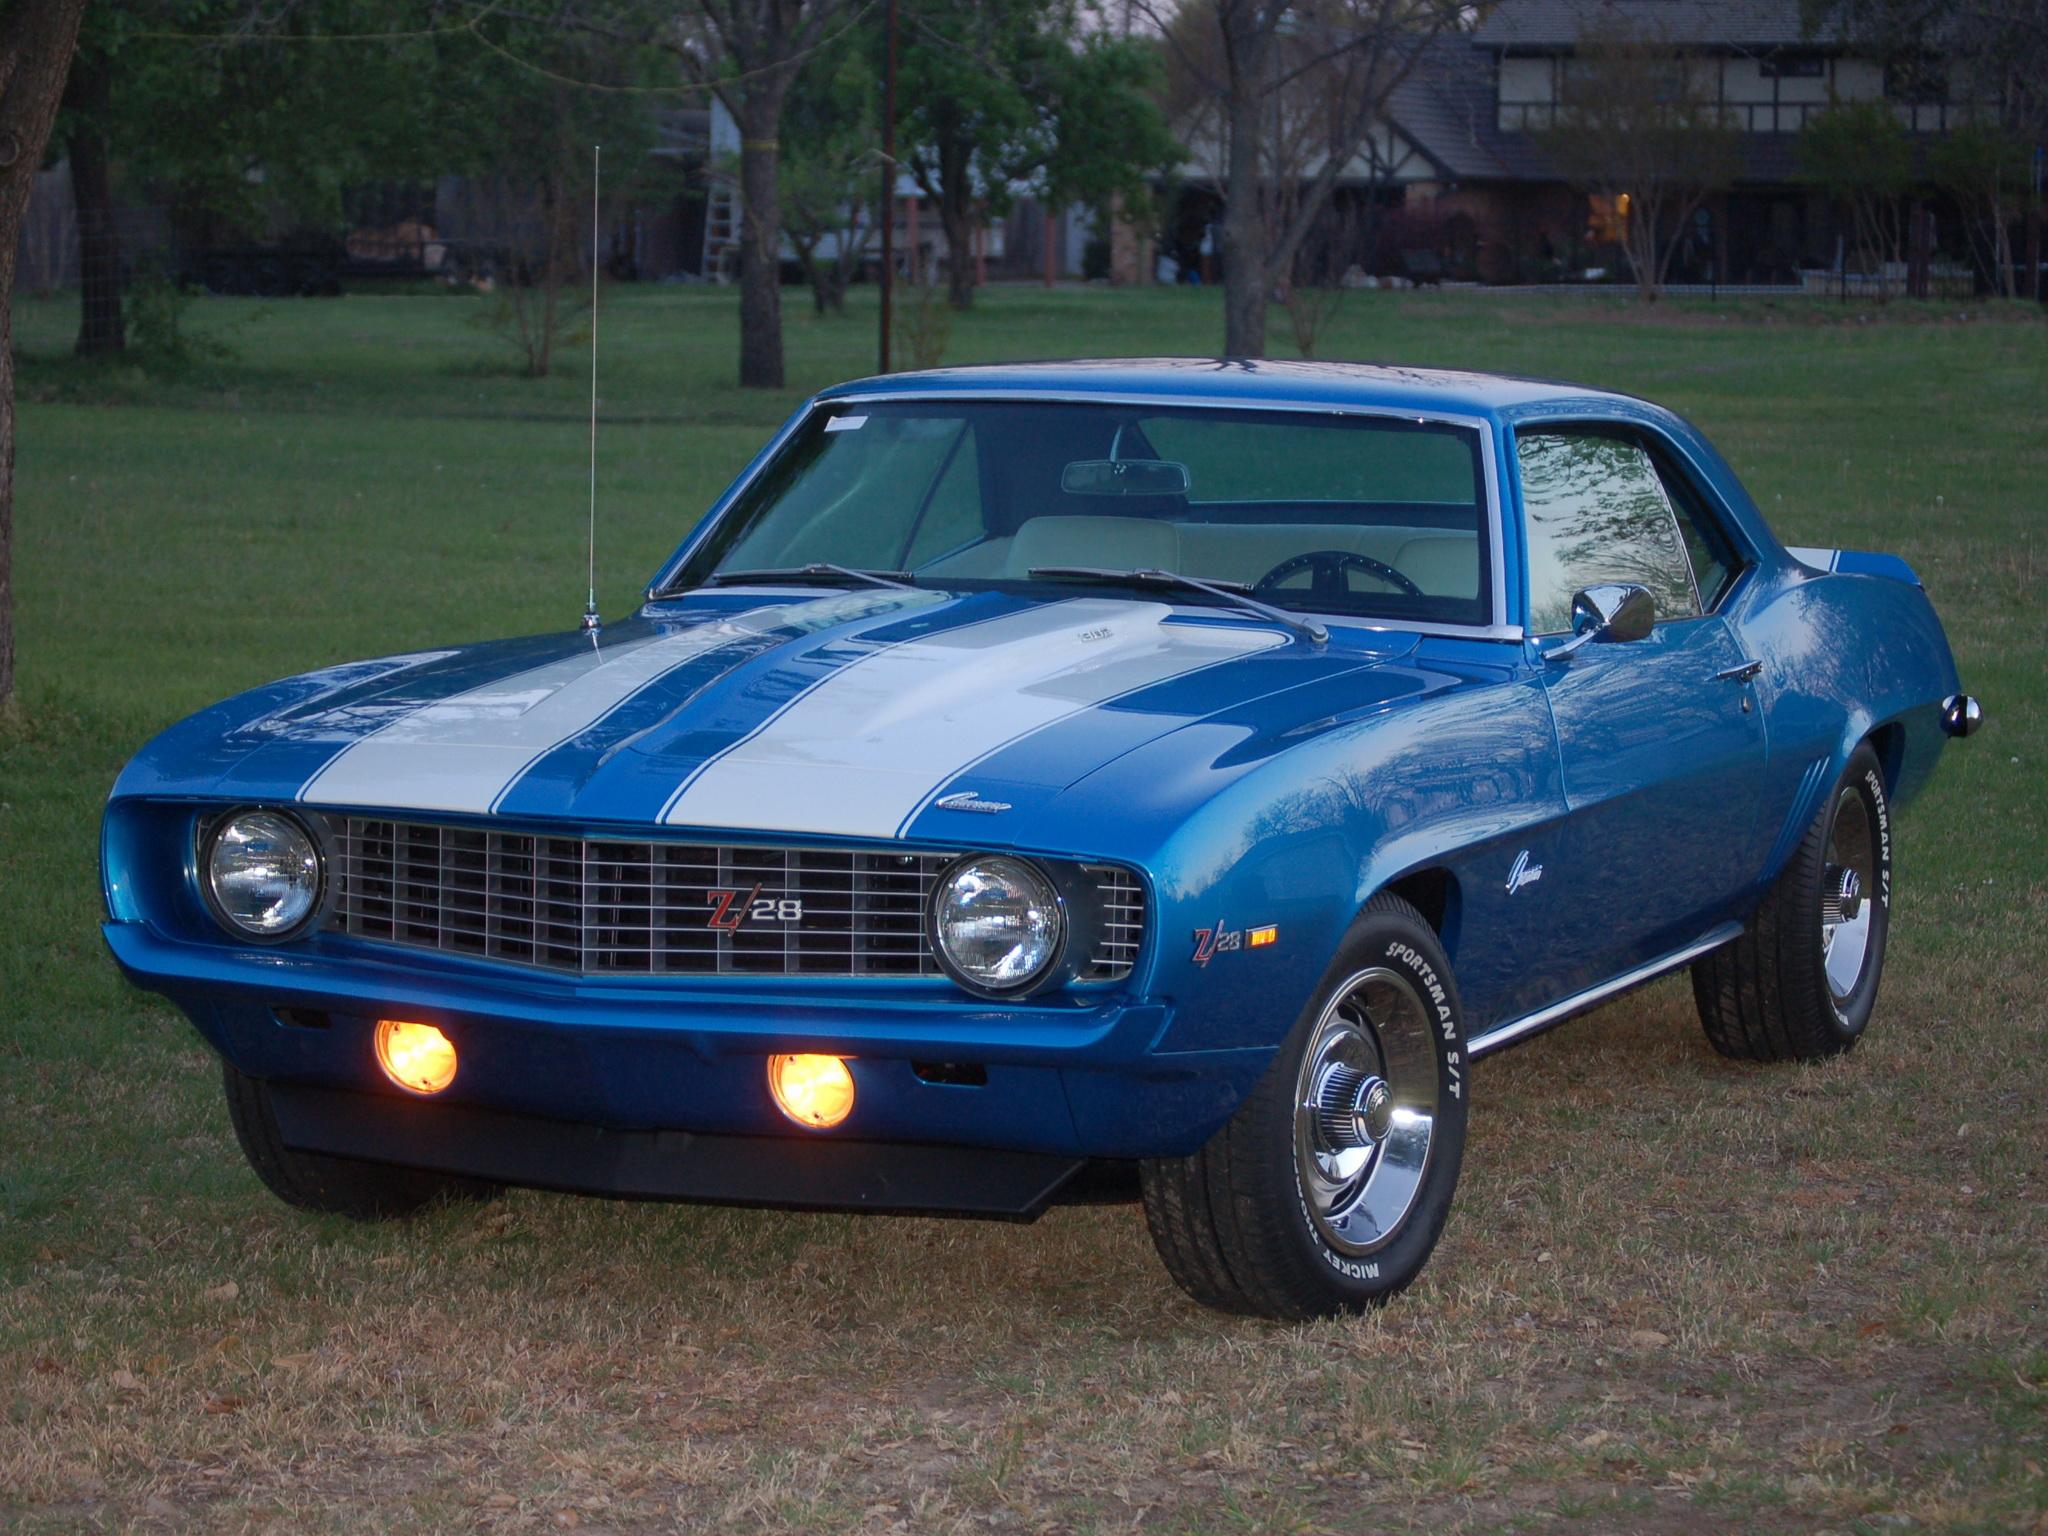 Blue And Black Chevrolet Wallpaper 1 Desktop Background